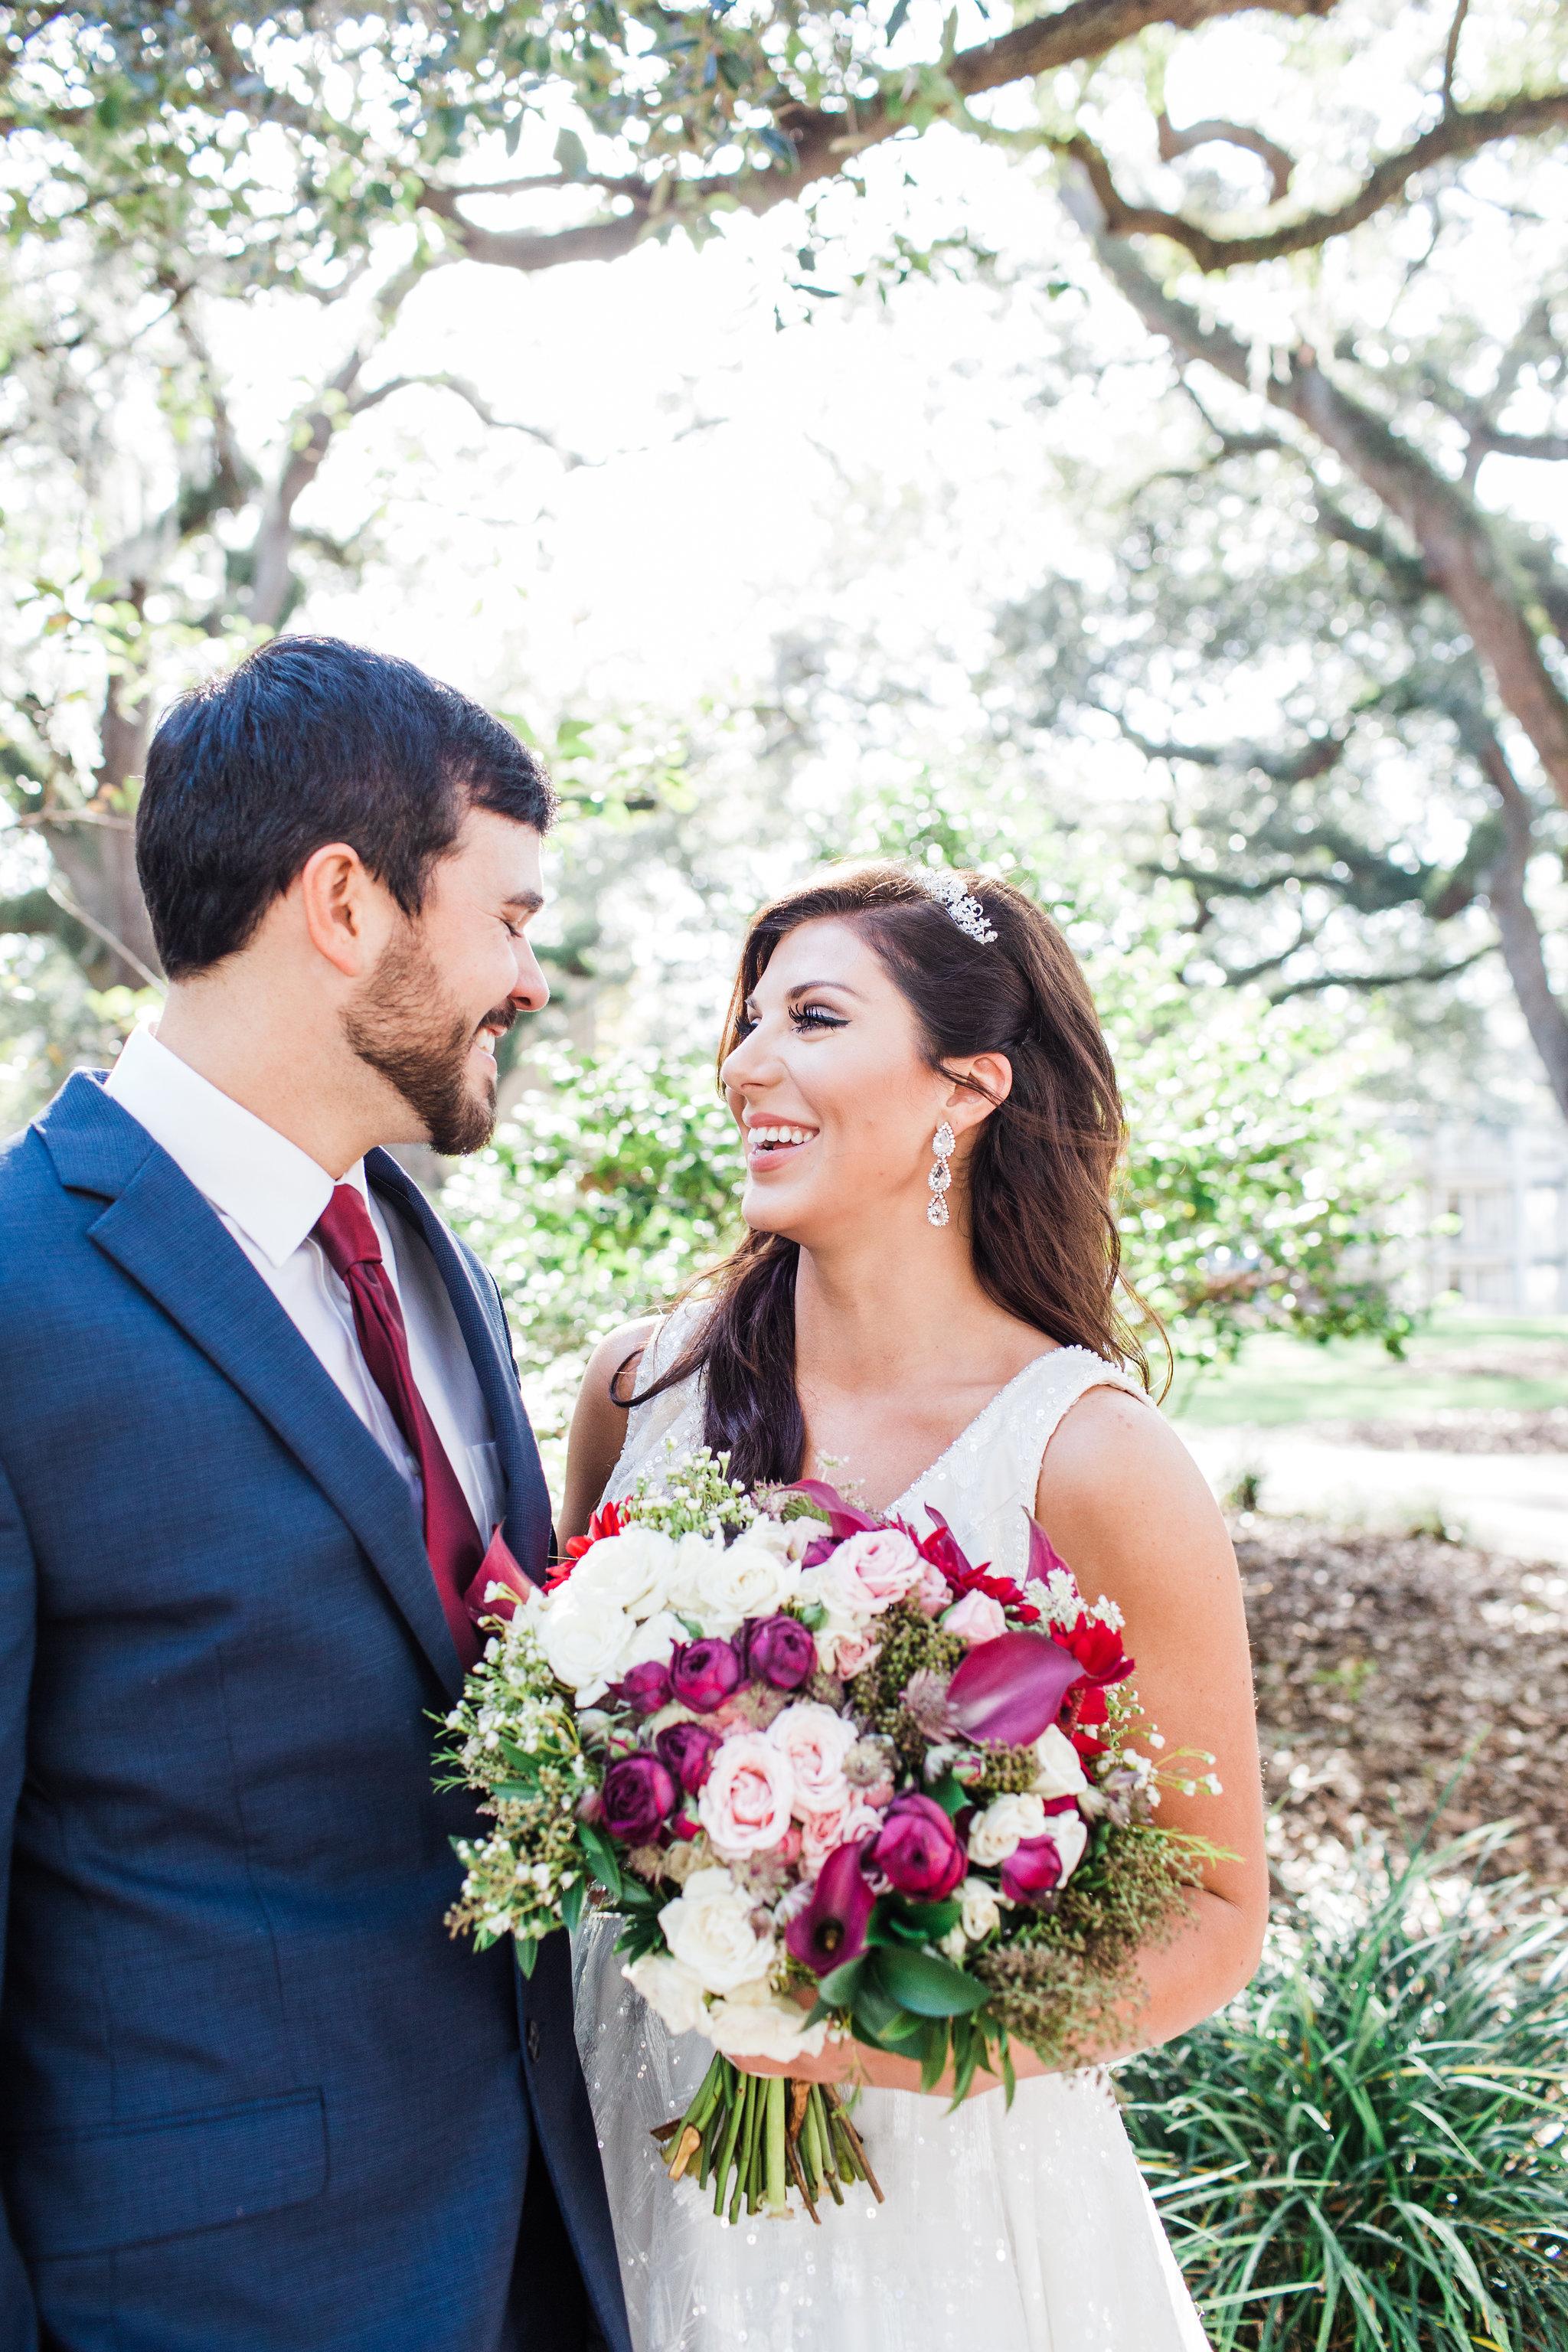 apt-b-photography-lindsey-shawn-Savannah-wedding-photographer-savannah-elopement-photographer-historic-savannah-elopement-savannah-weddings-hilton-head-wedding-photographer-jekyll-island-wedding-photographer-14.jpg